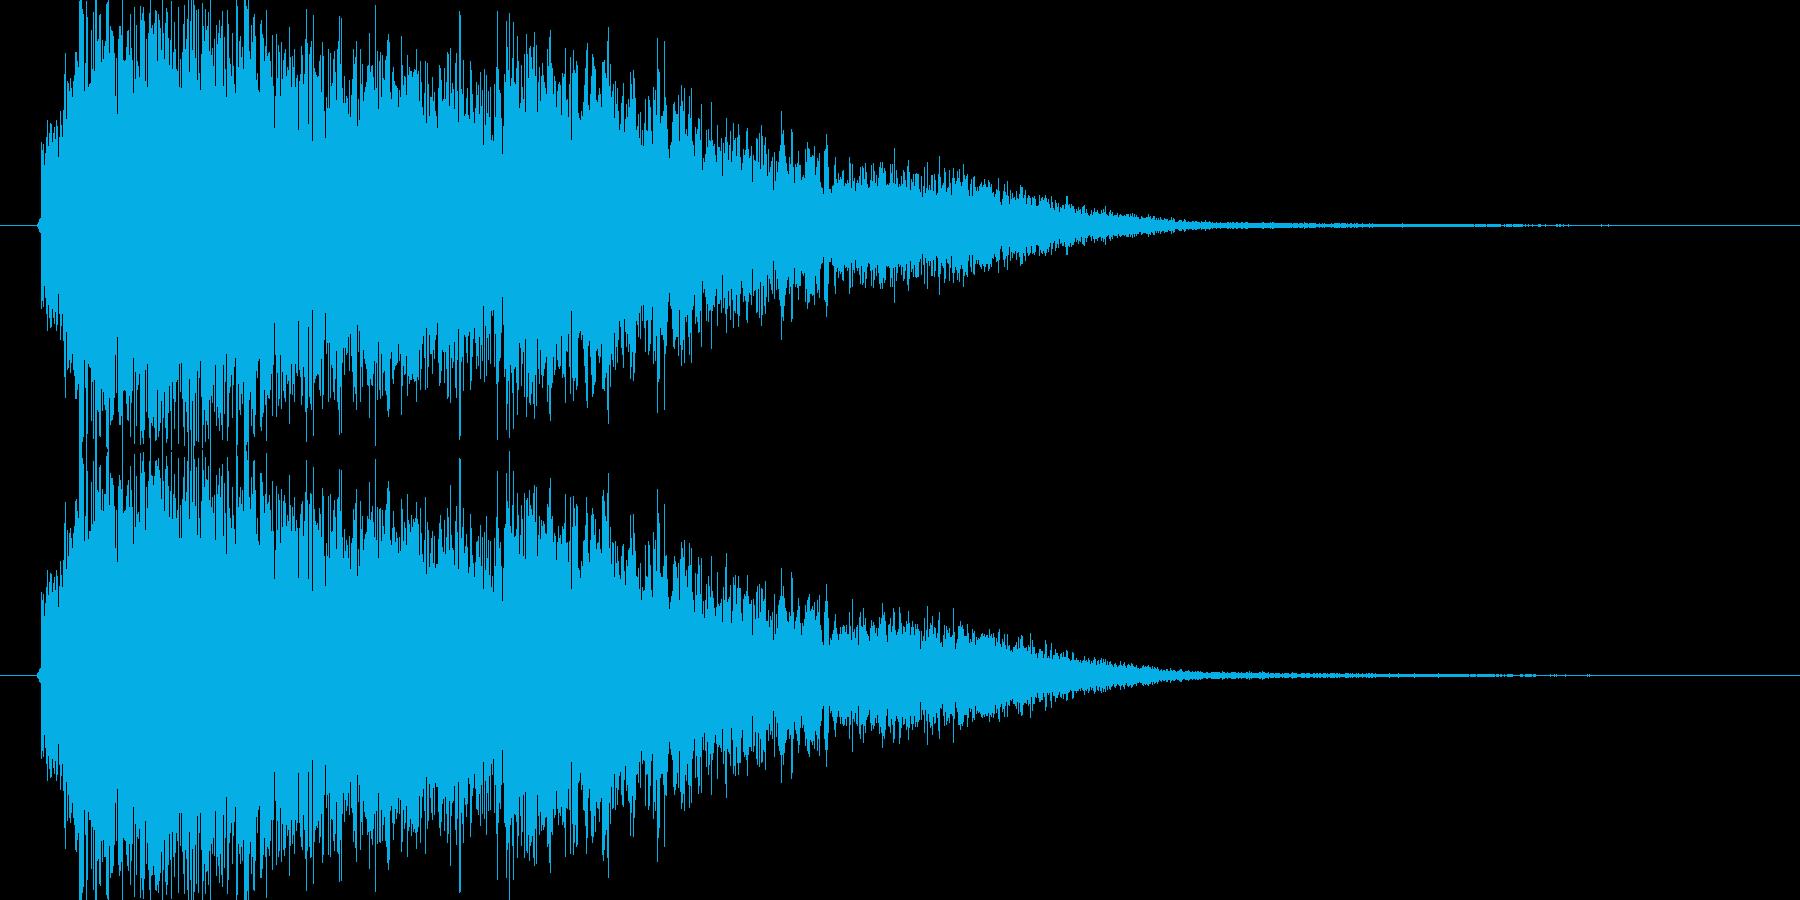 ビーム砲(ギュウウンと響く)の再生済みの波形